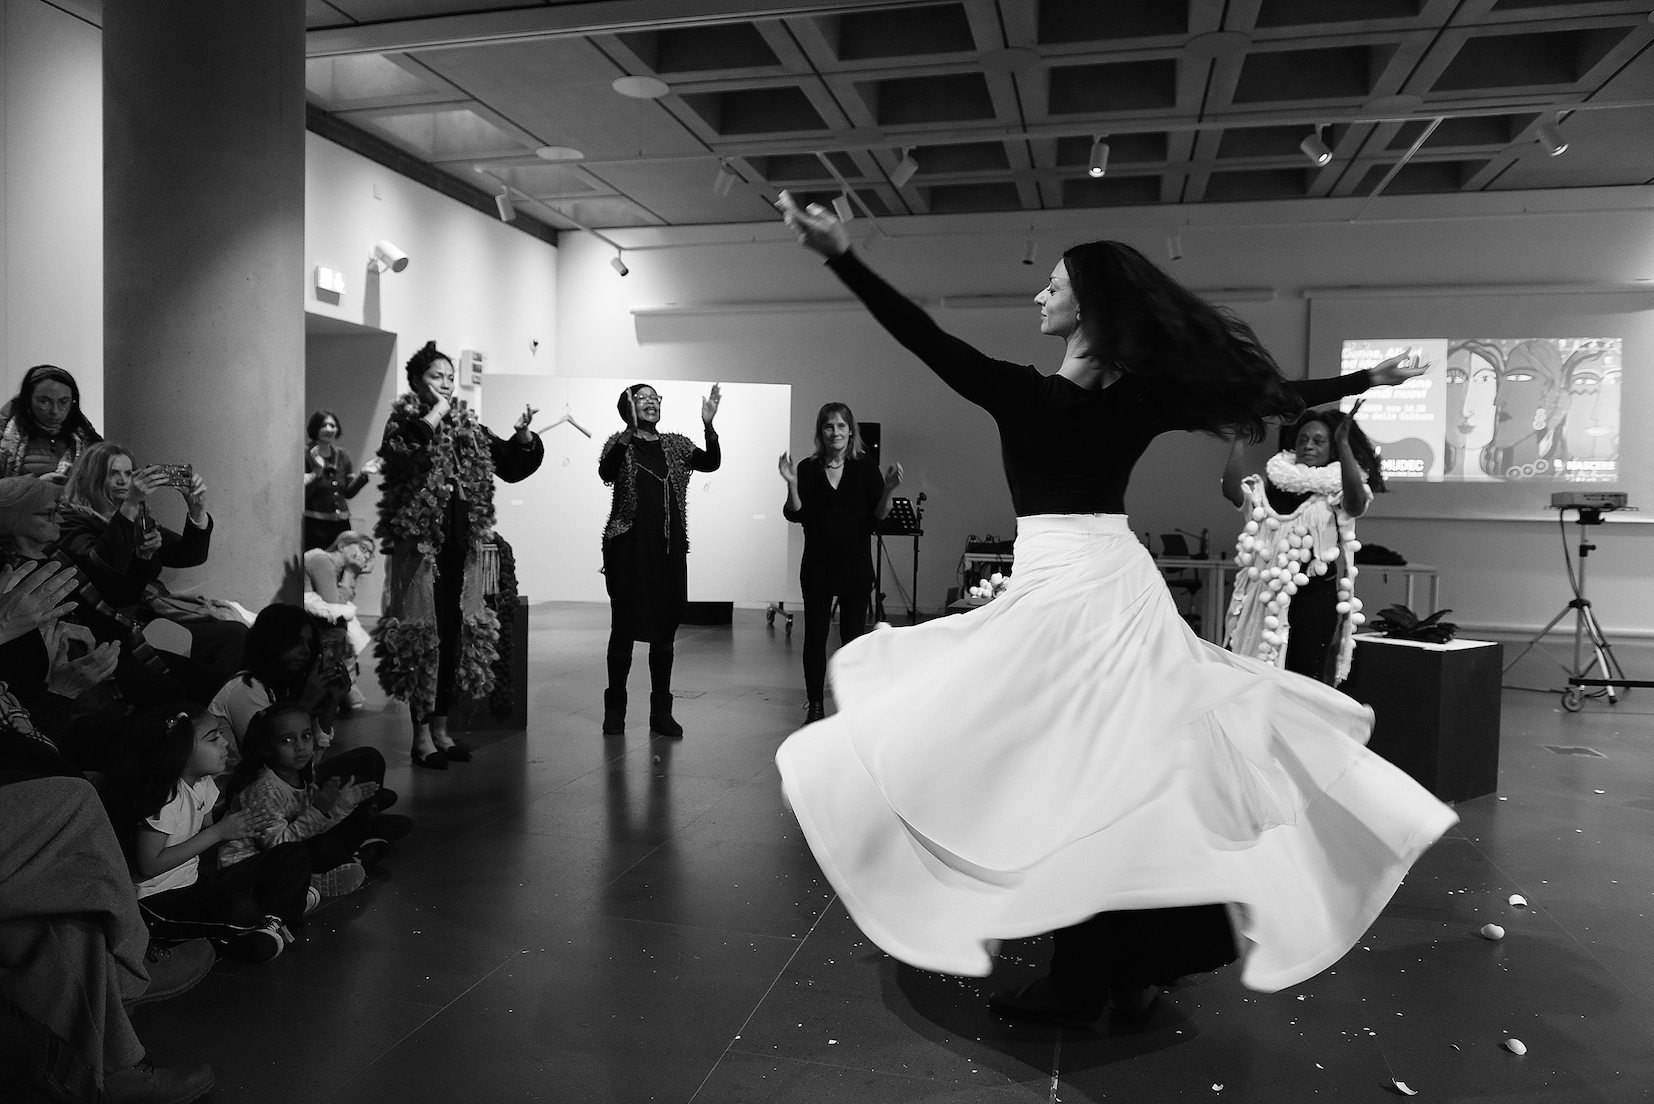 Milano Città Mondo #Remix. Progetti di partecipazione interculturale al Mudec